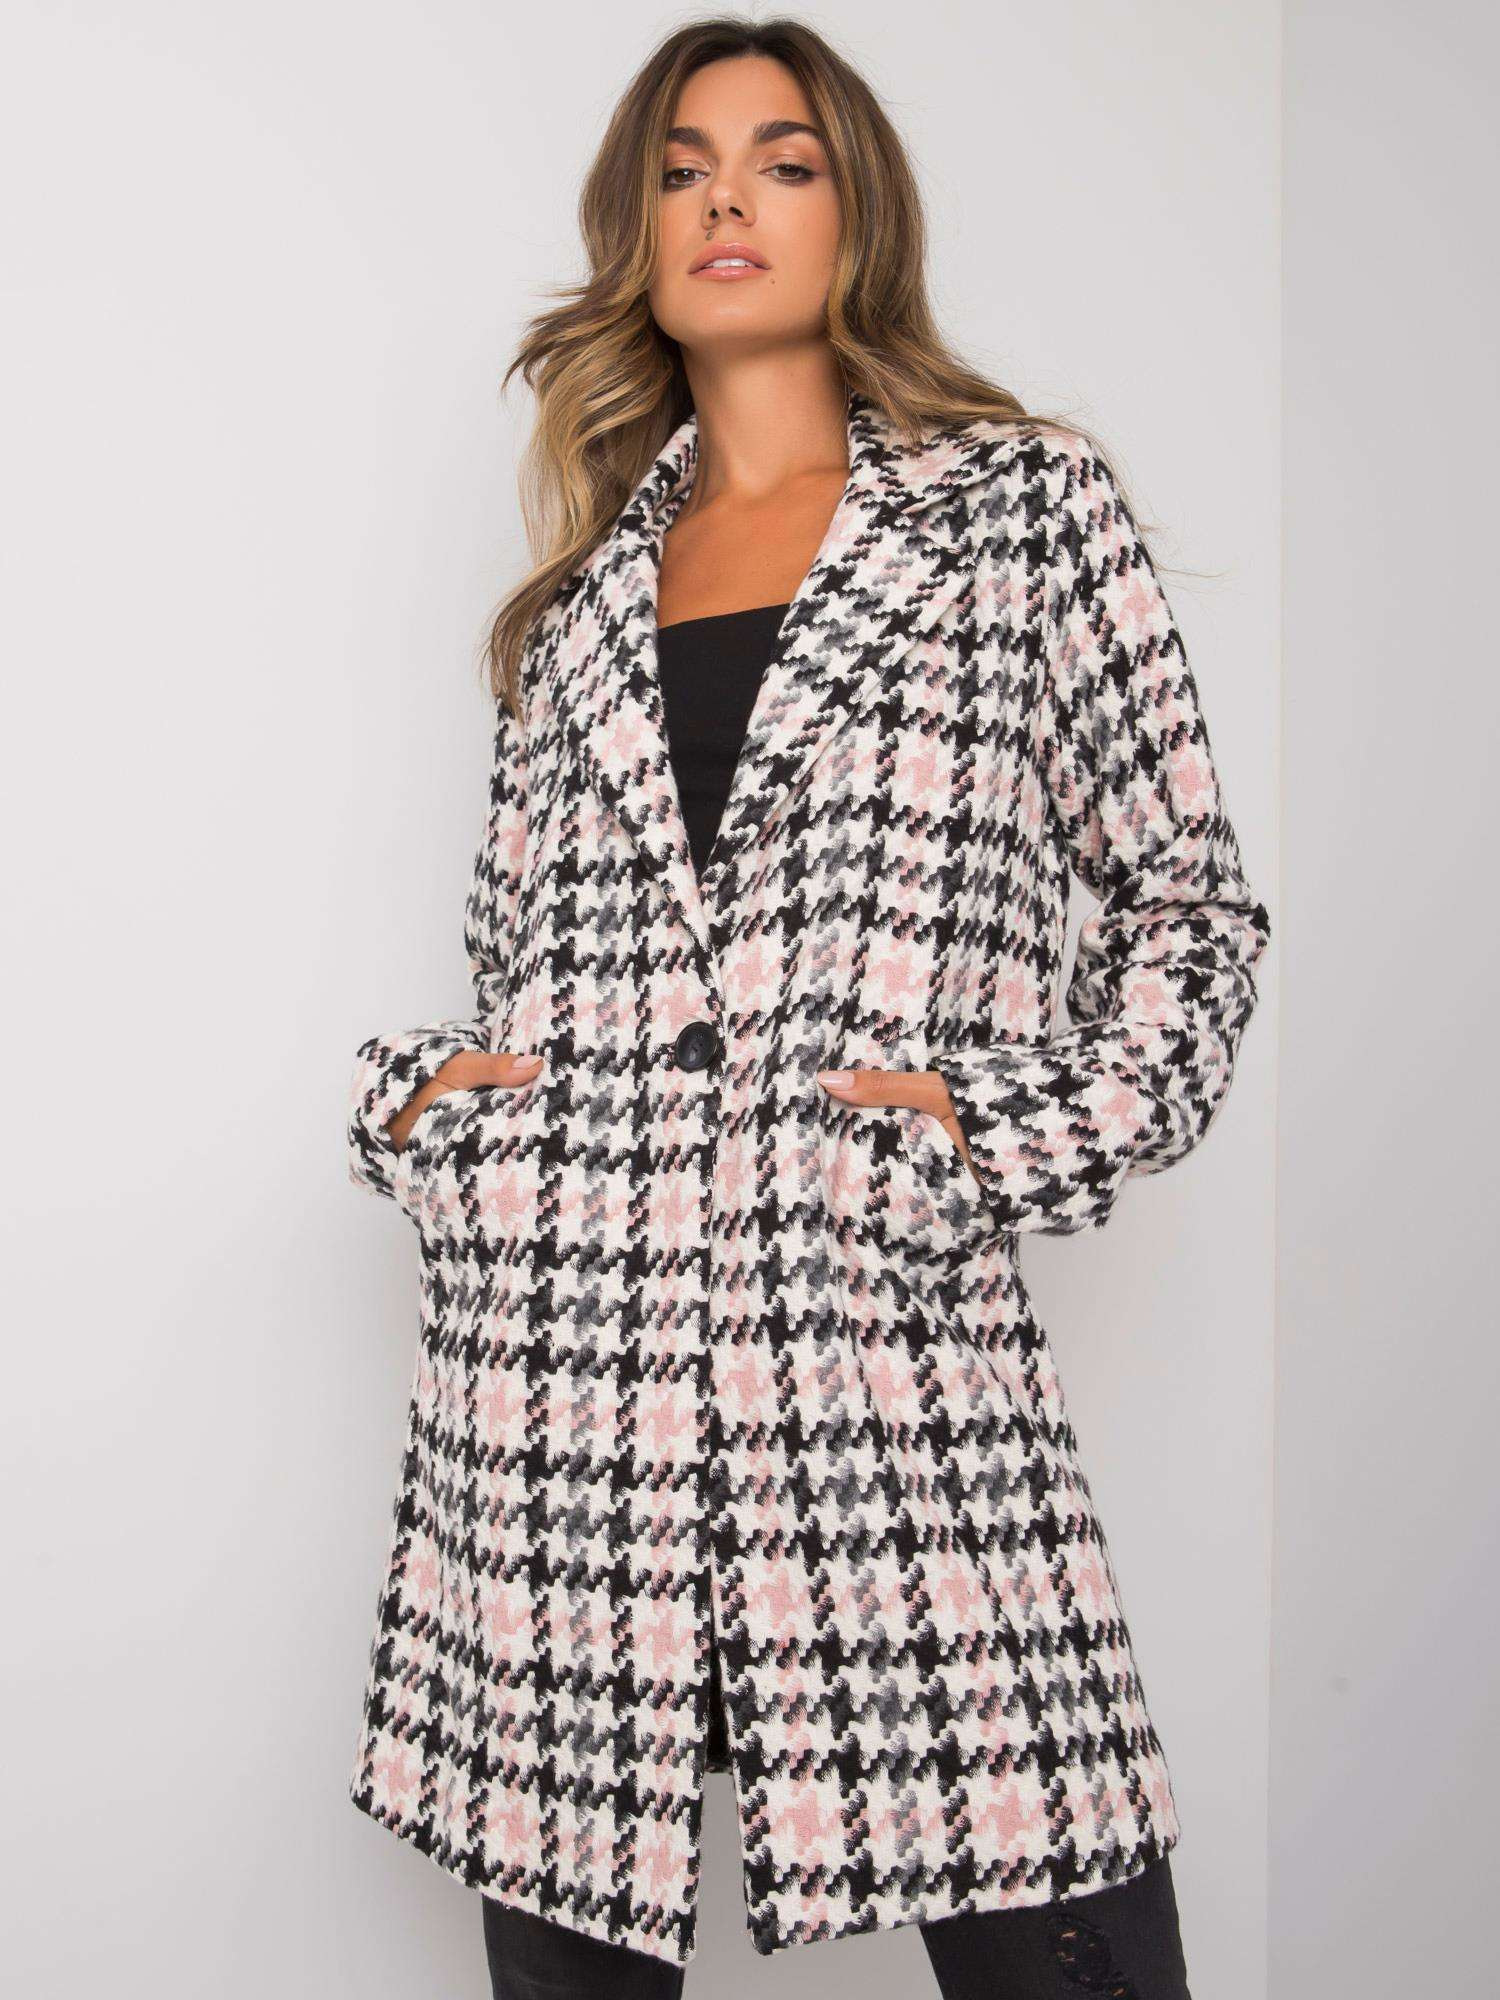 RUE PARIS Biely a ružový vzorovaný kabát S